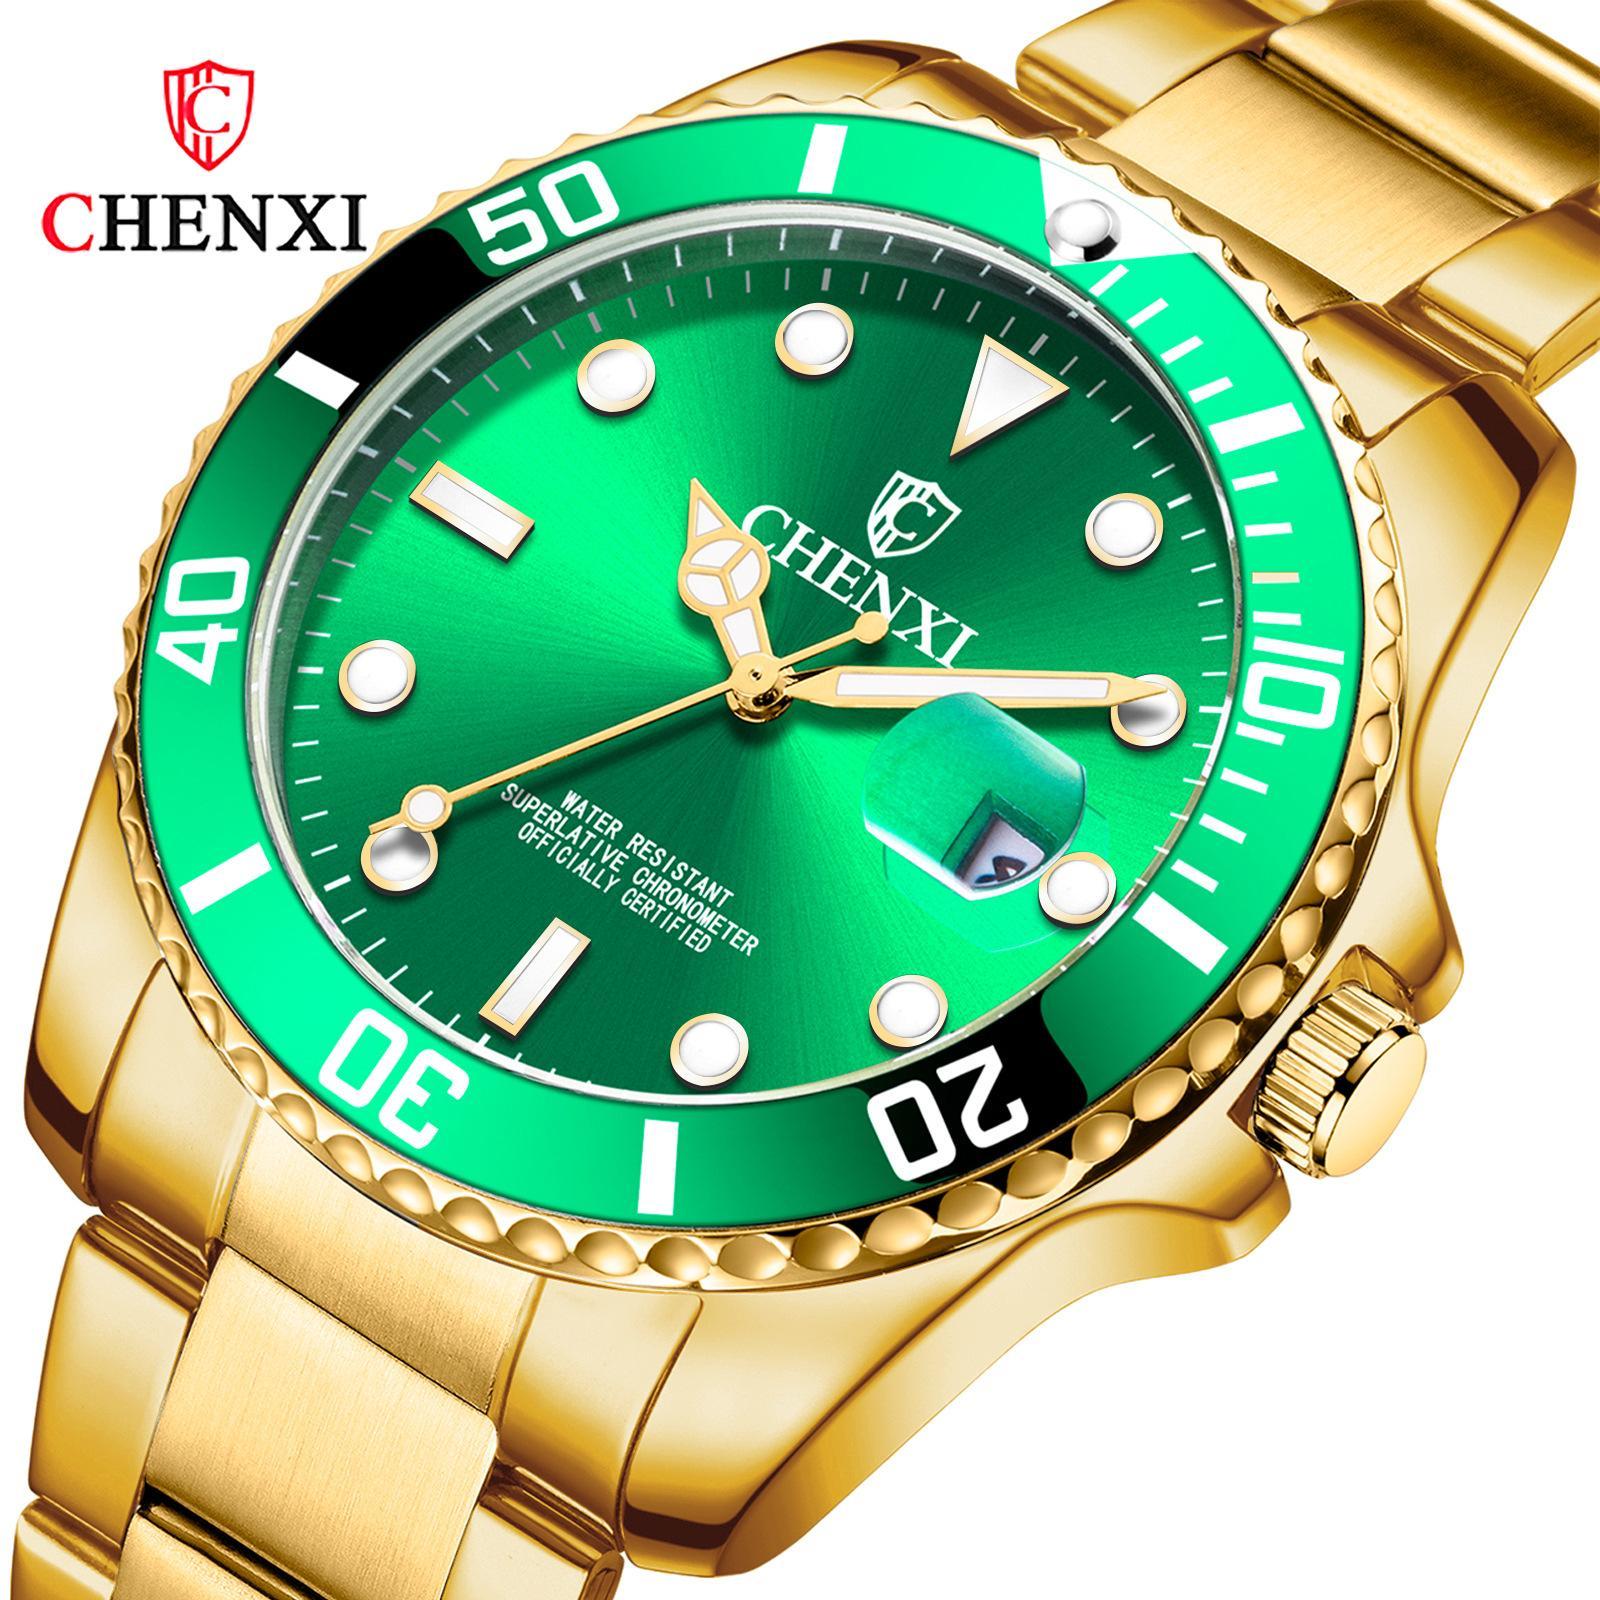 Bütün altın Chenxi marka çift izle 085a izlemek kuvars Yeni Yeşilsu hayalet izle su geçirmez takvim